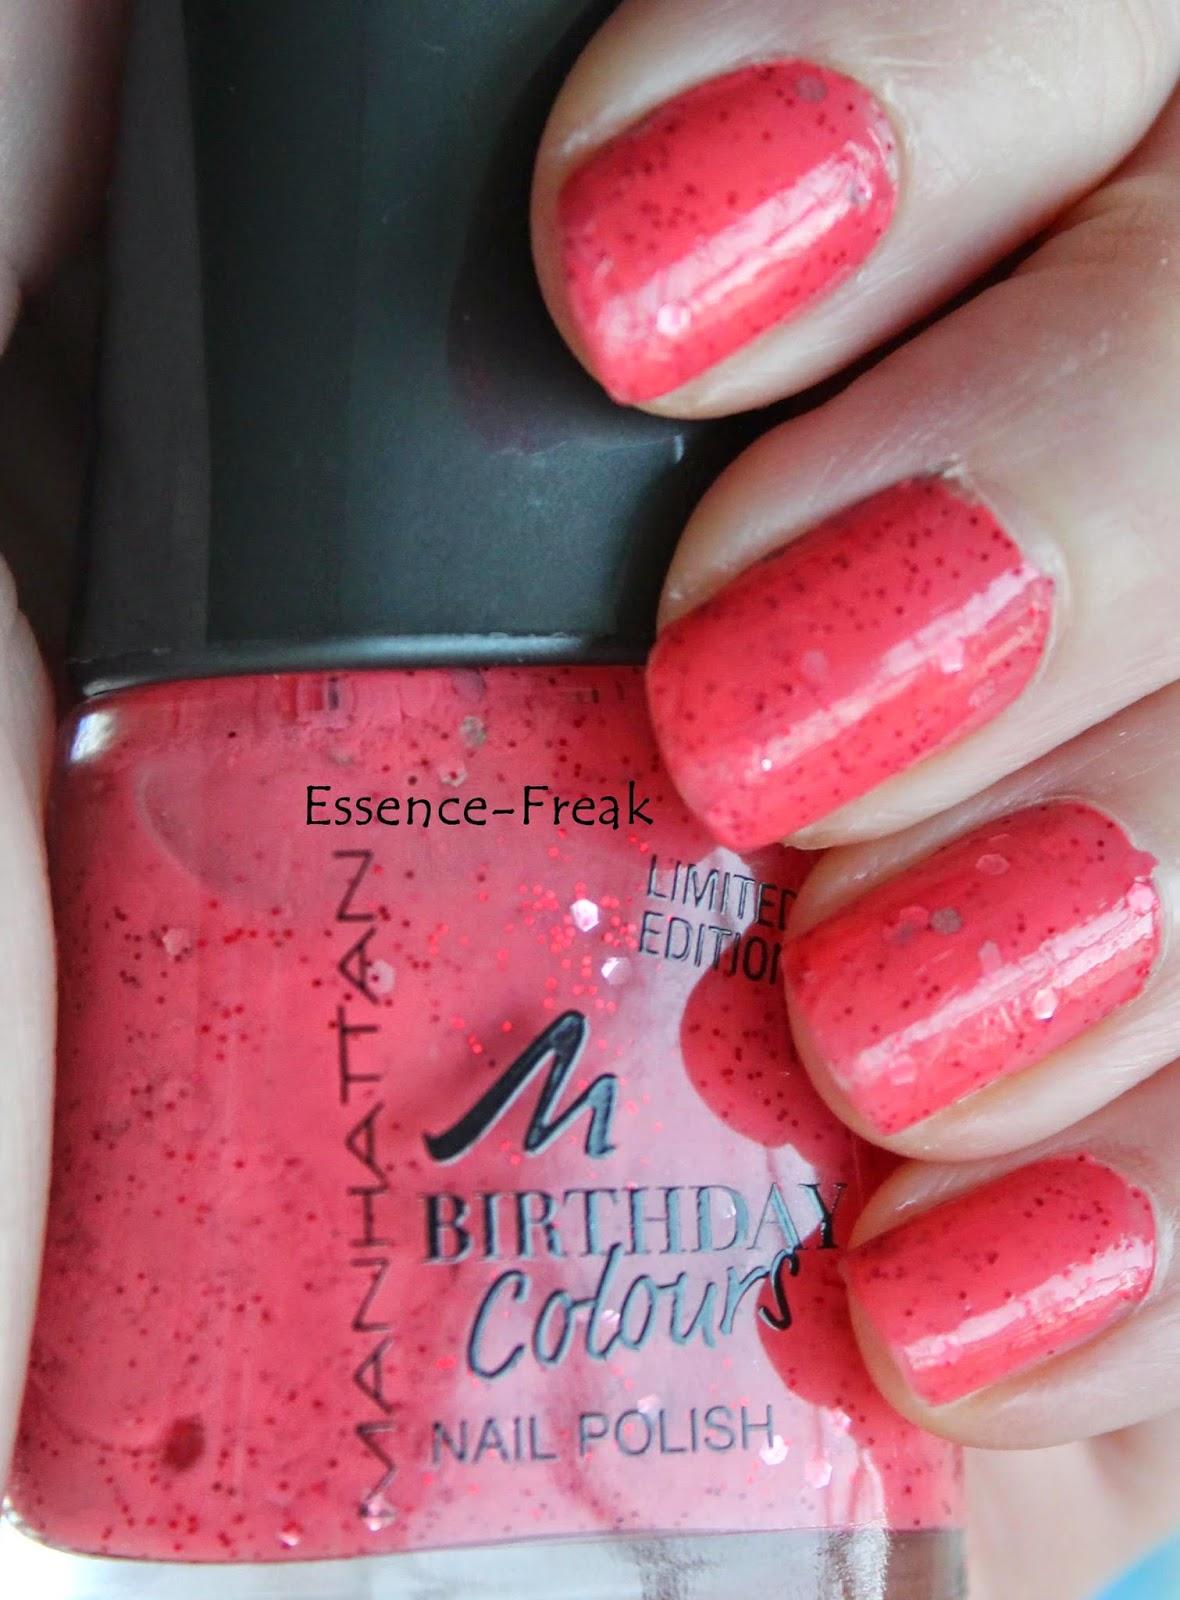 Der Lack Deckt In Zwei Schichten Und Ist Eine Wunderbare Erdbeerfarbe Also Ein Pink Rot Mit Glitzerpartikeln Einfach Wunderschon